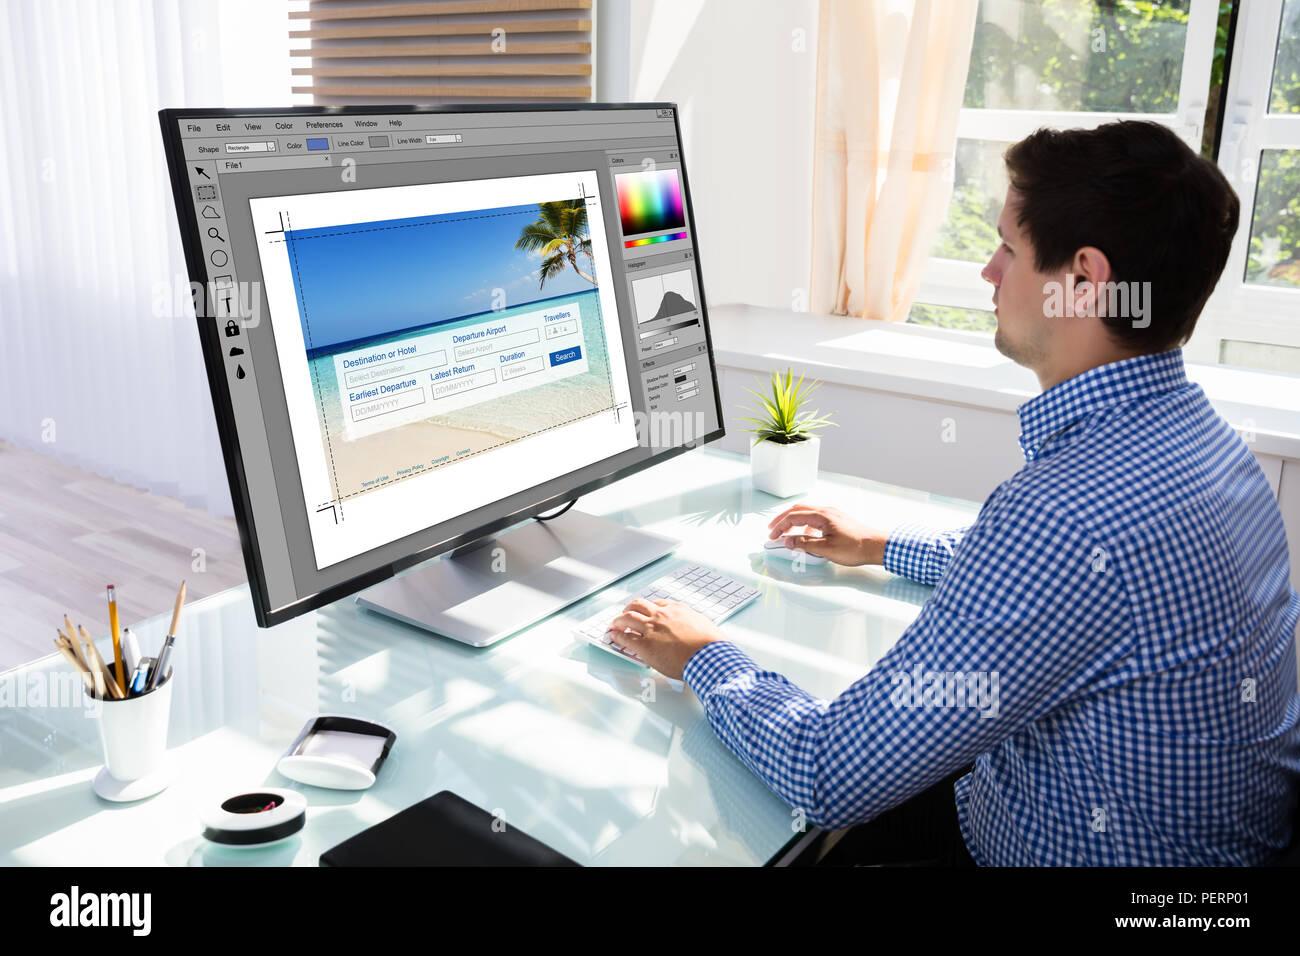 Jeune homme designer édition de photos sur computer in office Photo Stock